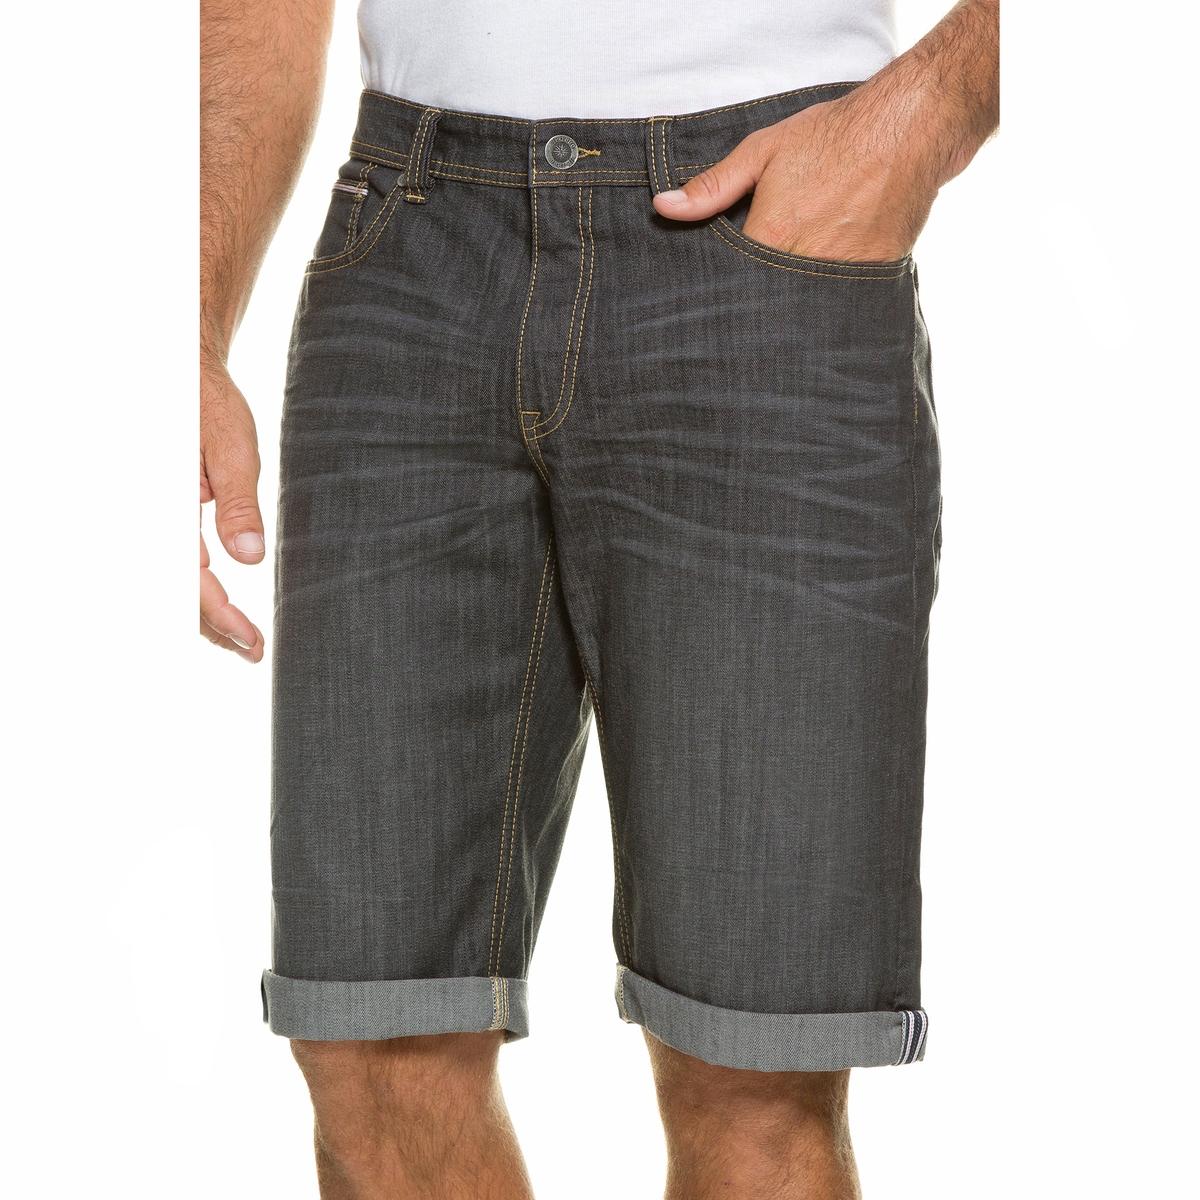 БермудыБермуды из денима стретч JP1880. Покрой с 5 карманами, пояс с фирменным знаком JP1880 на оборотной стороне. 99% хлопка, 1% эластана. Длина по внутр.шву 38-40,5 см<br><br>Цвет: серый